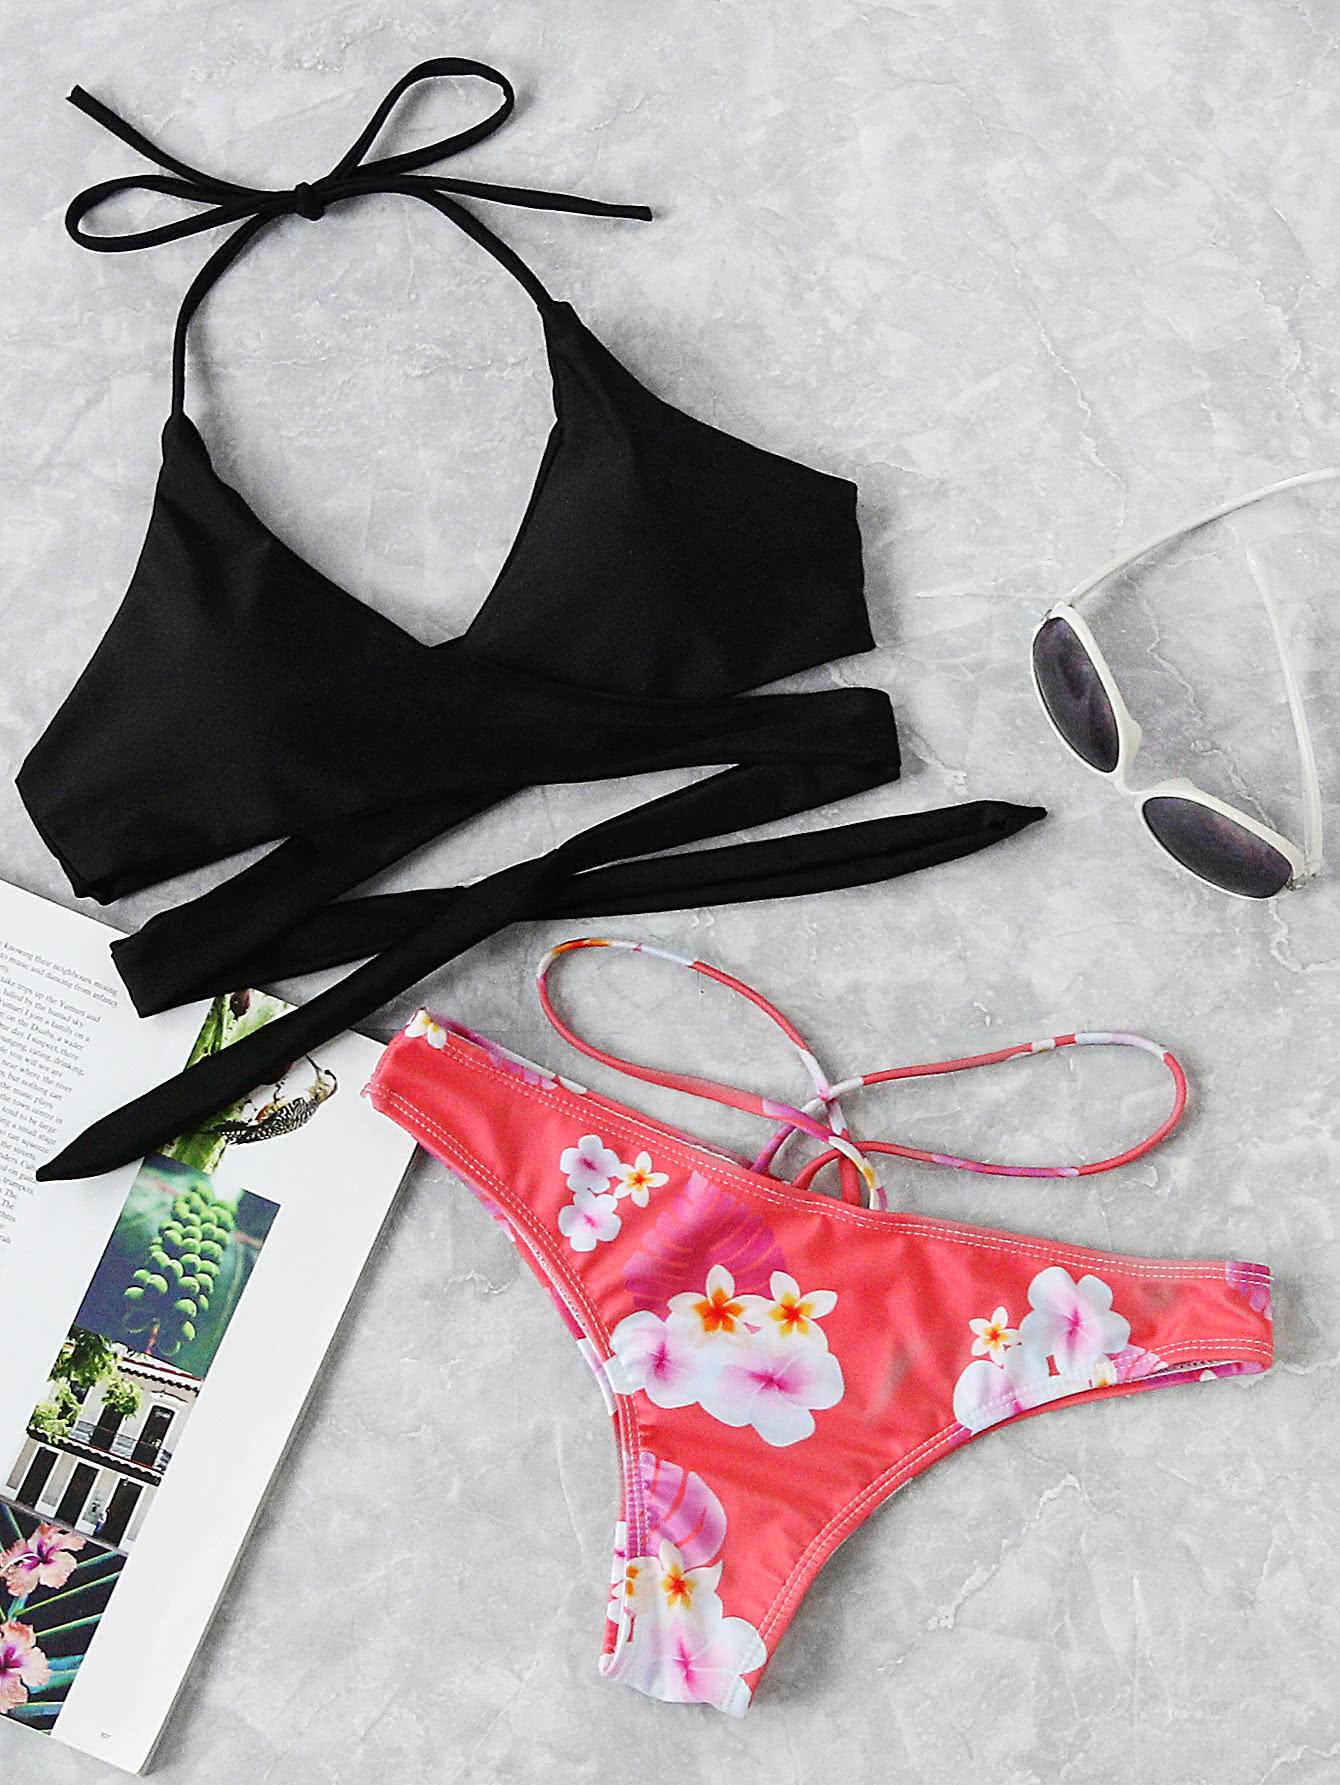 Cross Wrap Strappy Mix And Match Bikini Set small beginnings mix and match